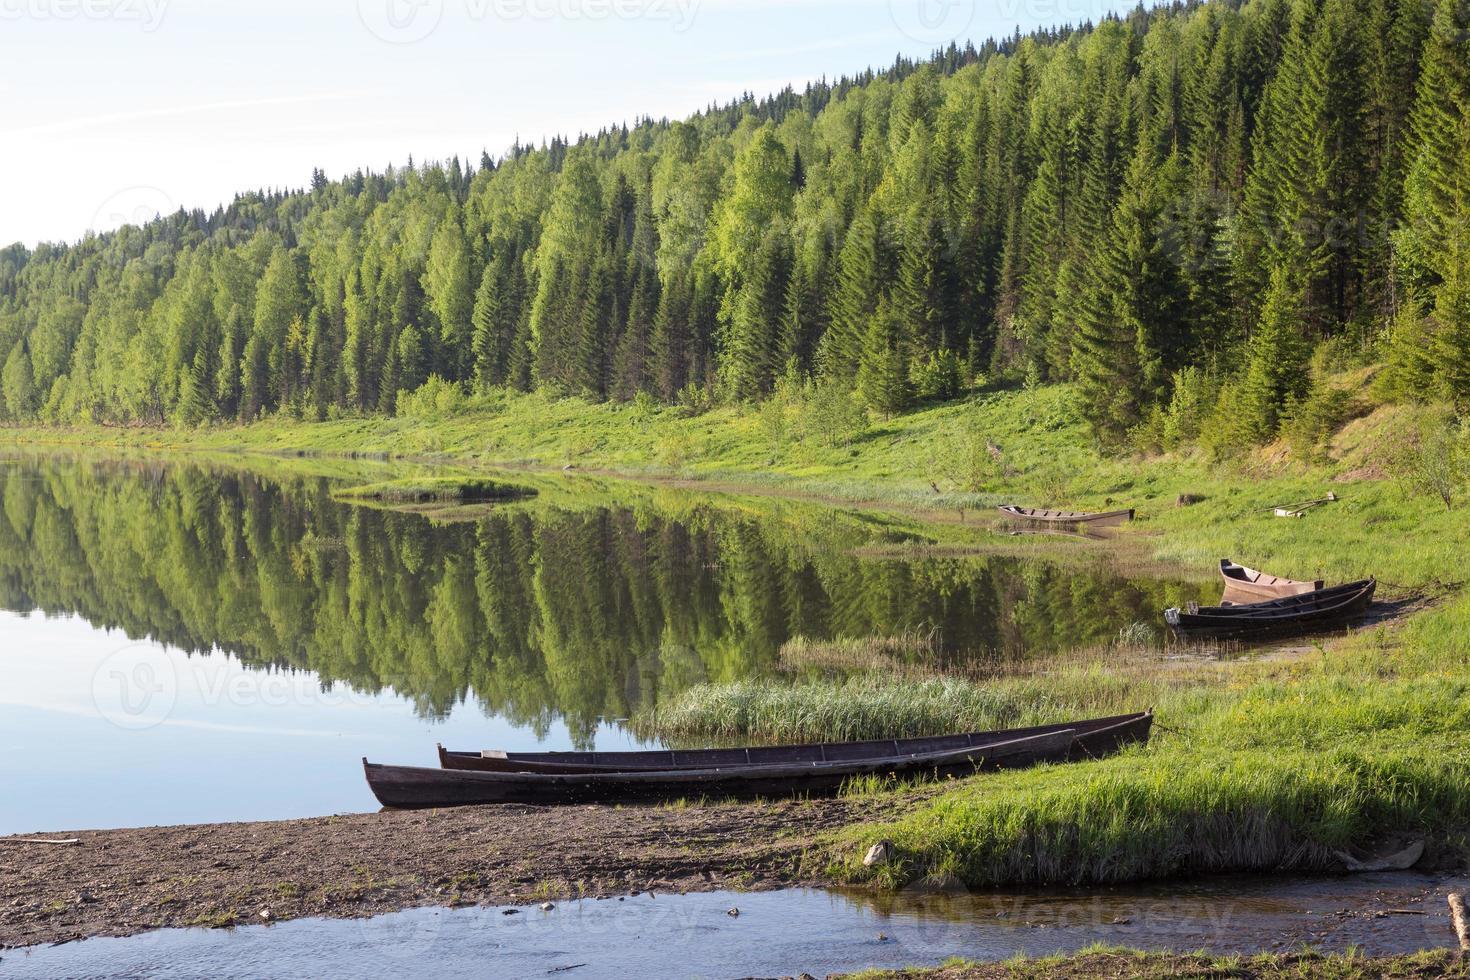 barca sul fiume in giornata di sole foto